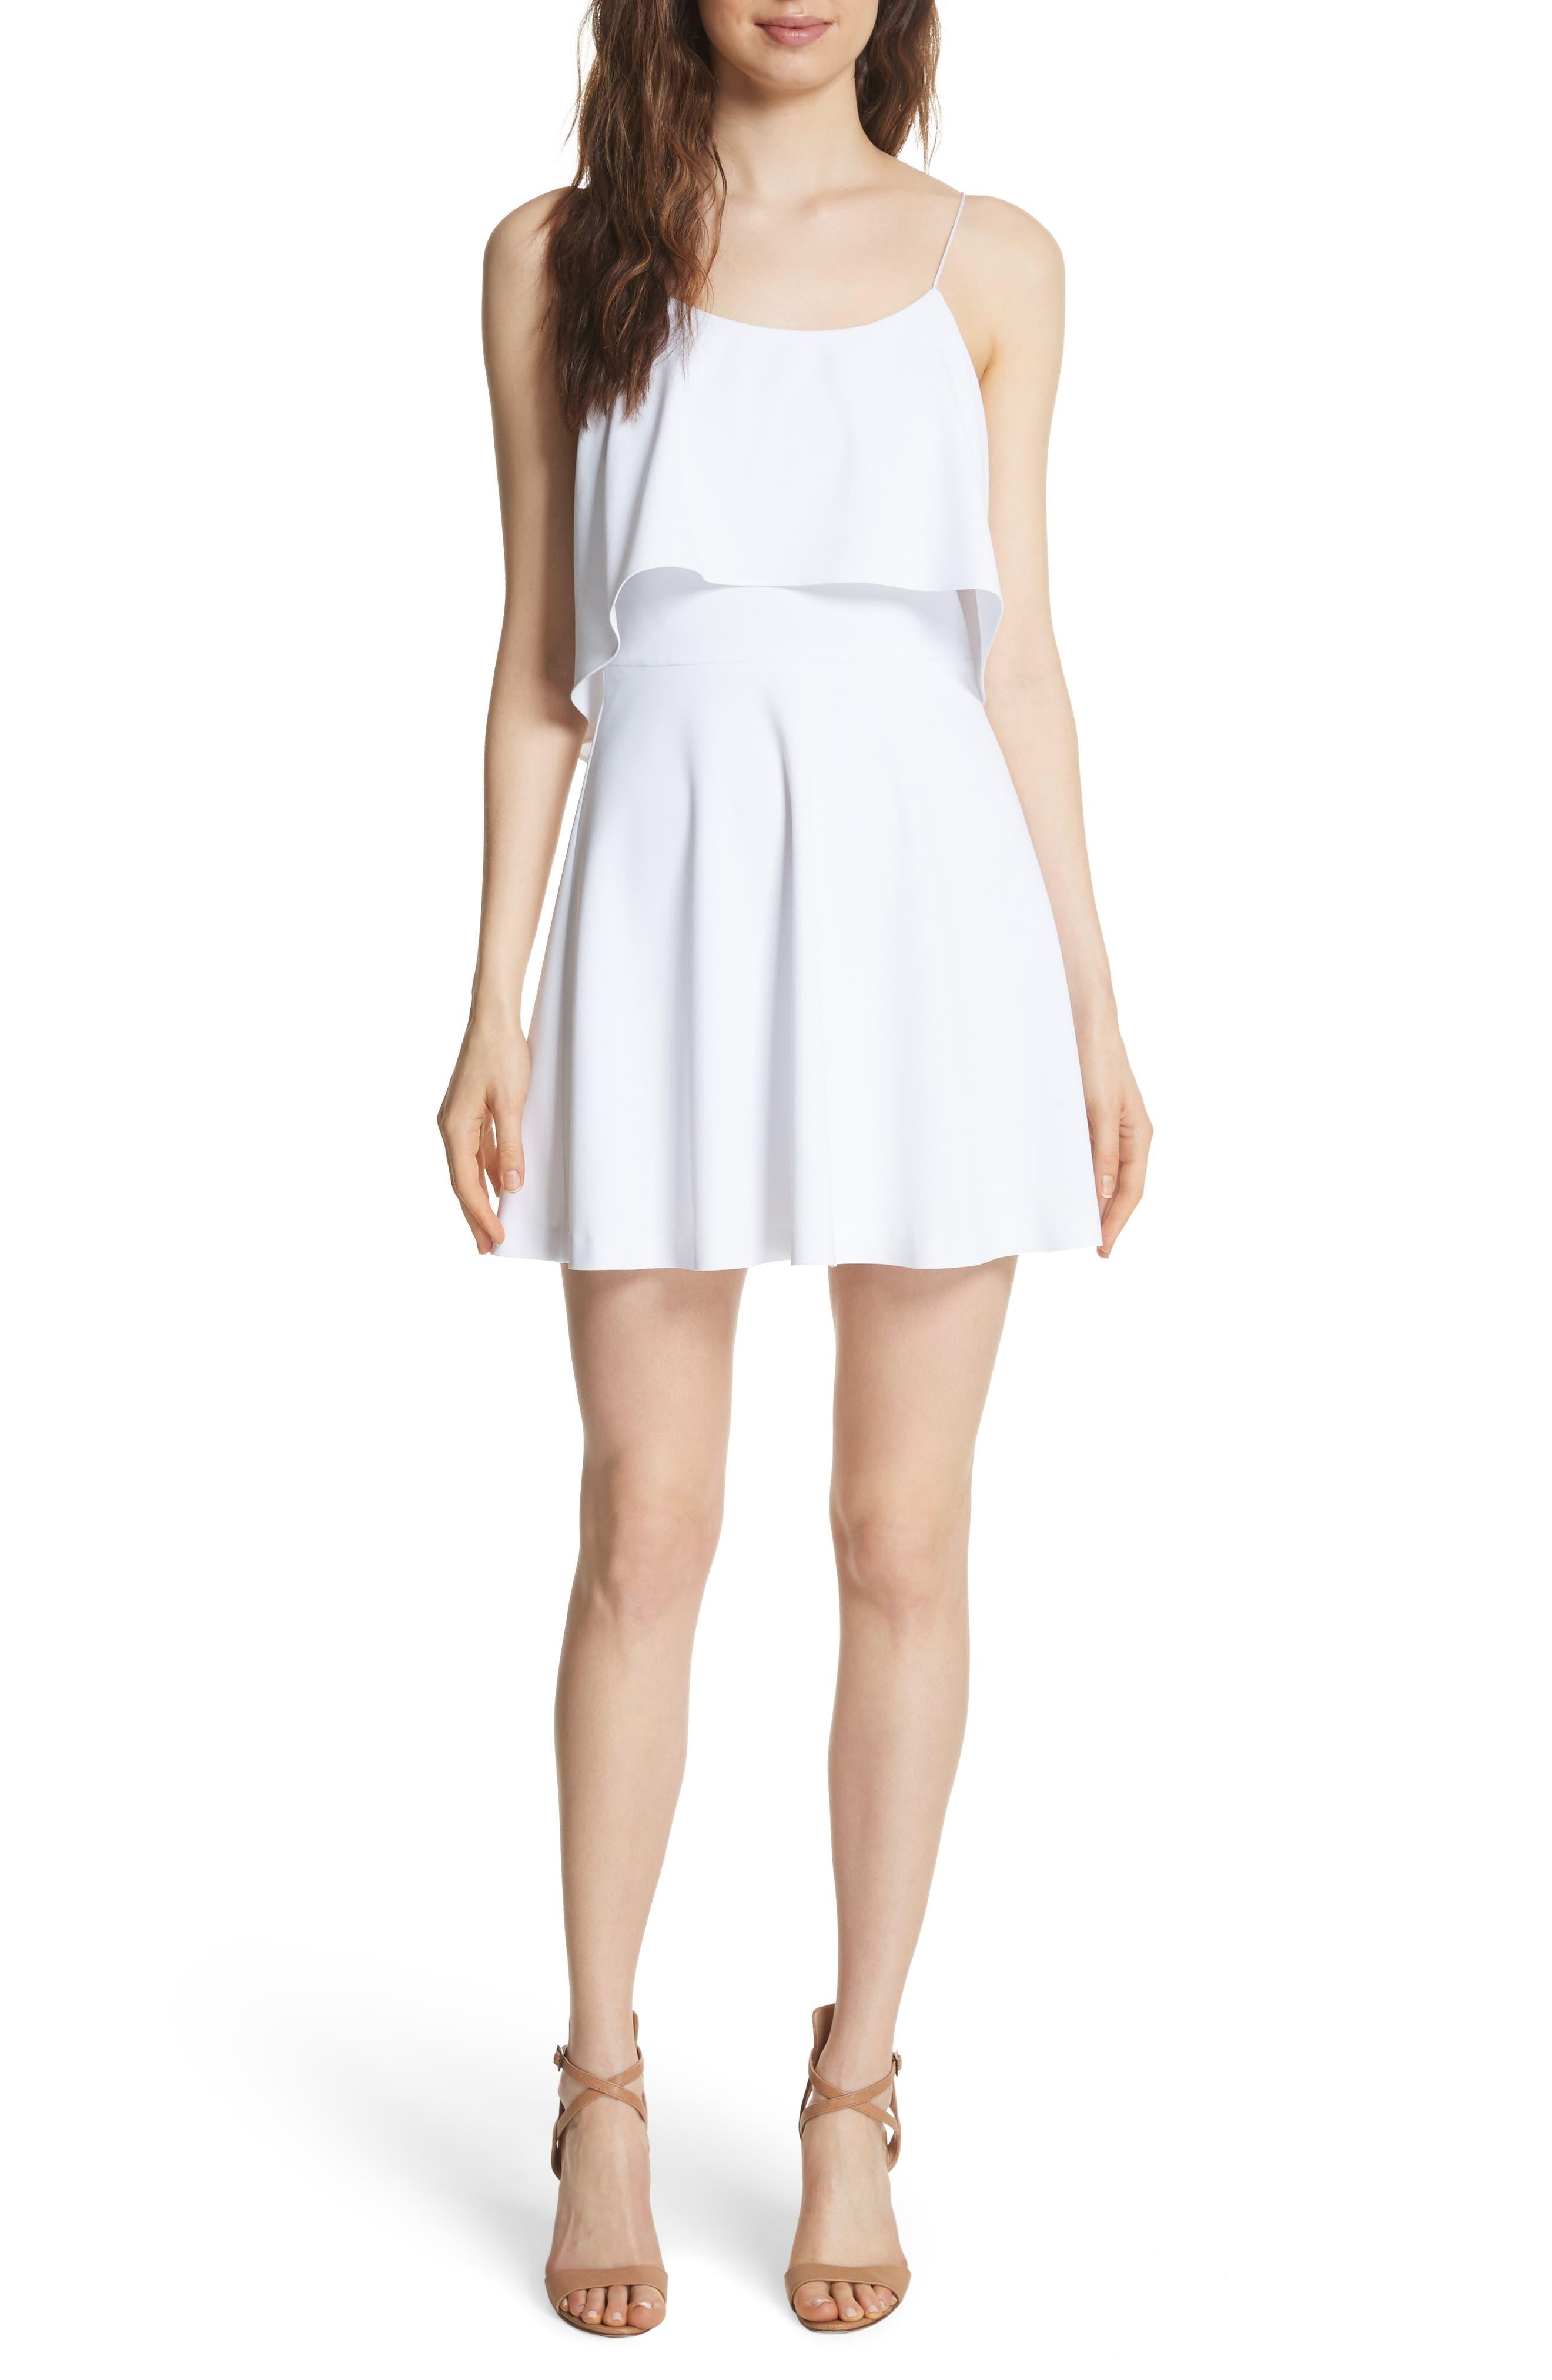 Kipp Layered Ruffle Short Dress,                         Main,                         color, 100